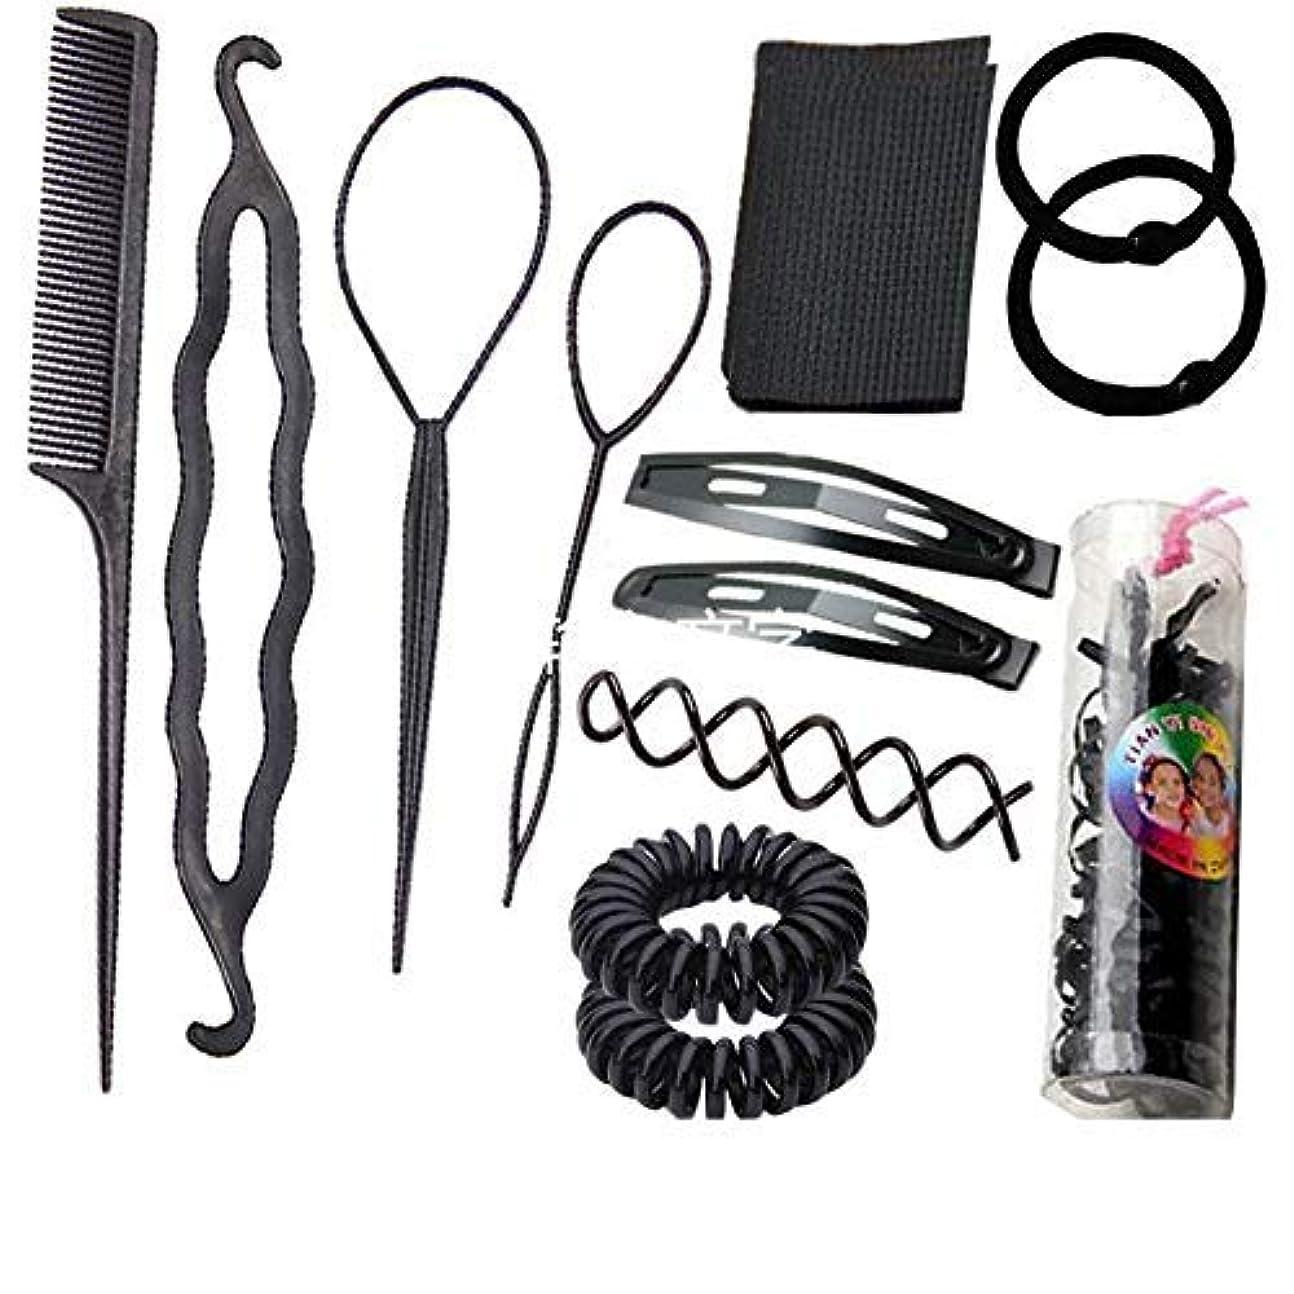 スイス人爆弾奨学金1 Set Black 13 in 1 Hair Style Making Accessories Kits Hair Comb Metal Hairpins Hair Tools Hair Ropes Fringes...